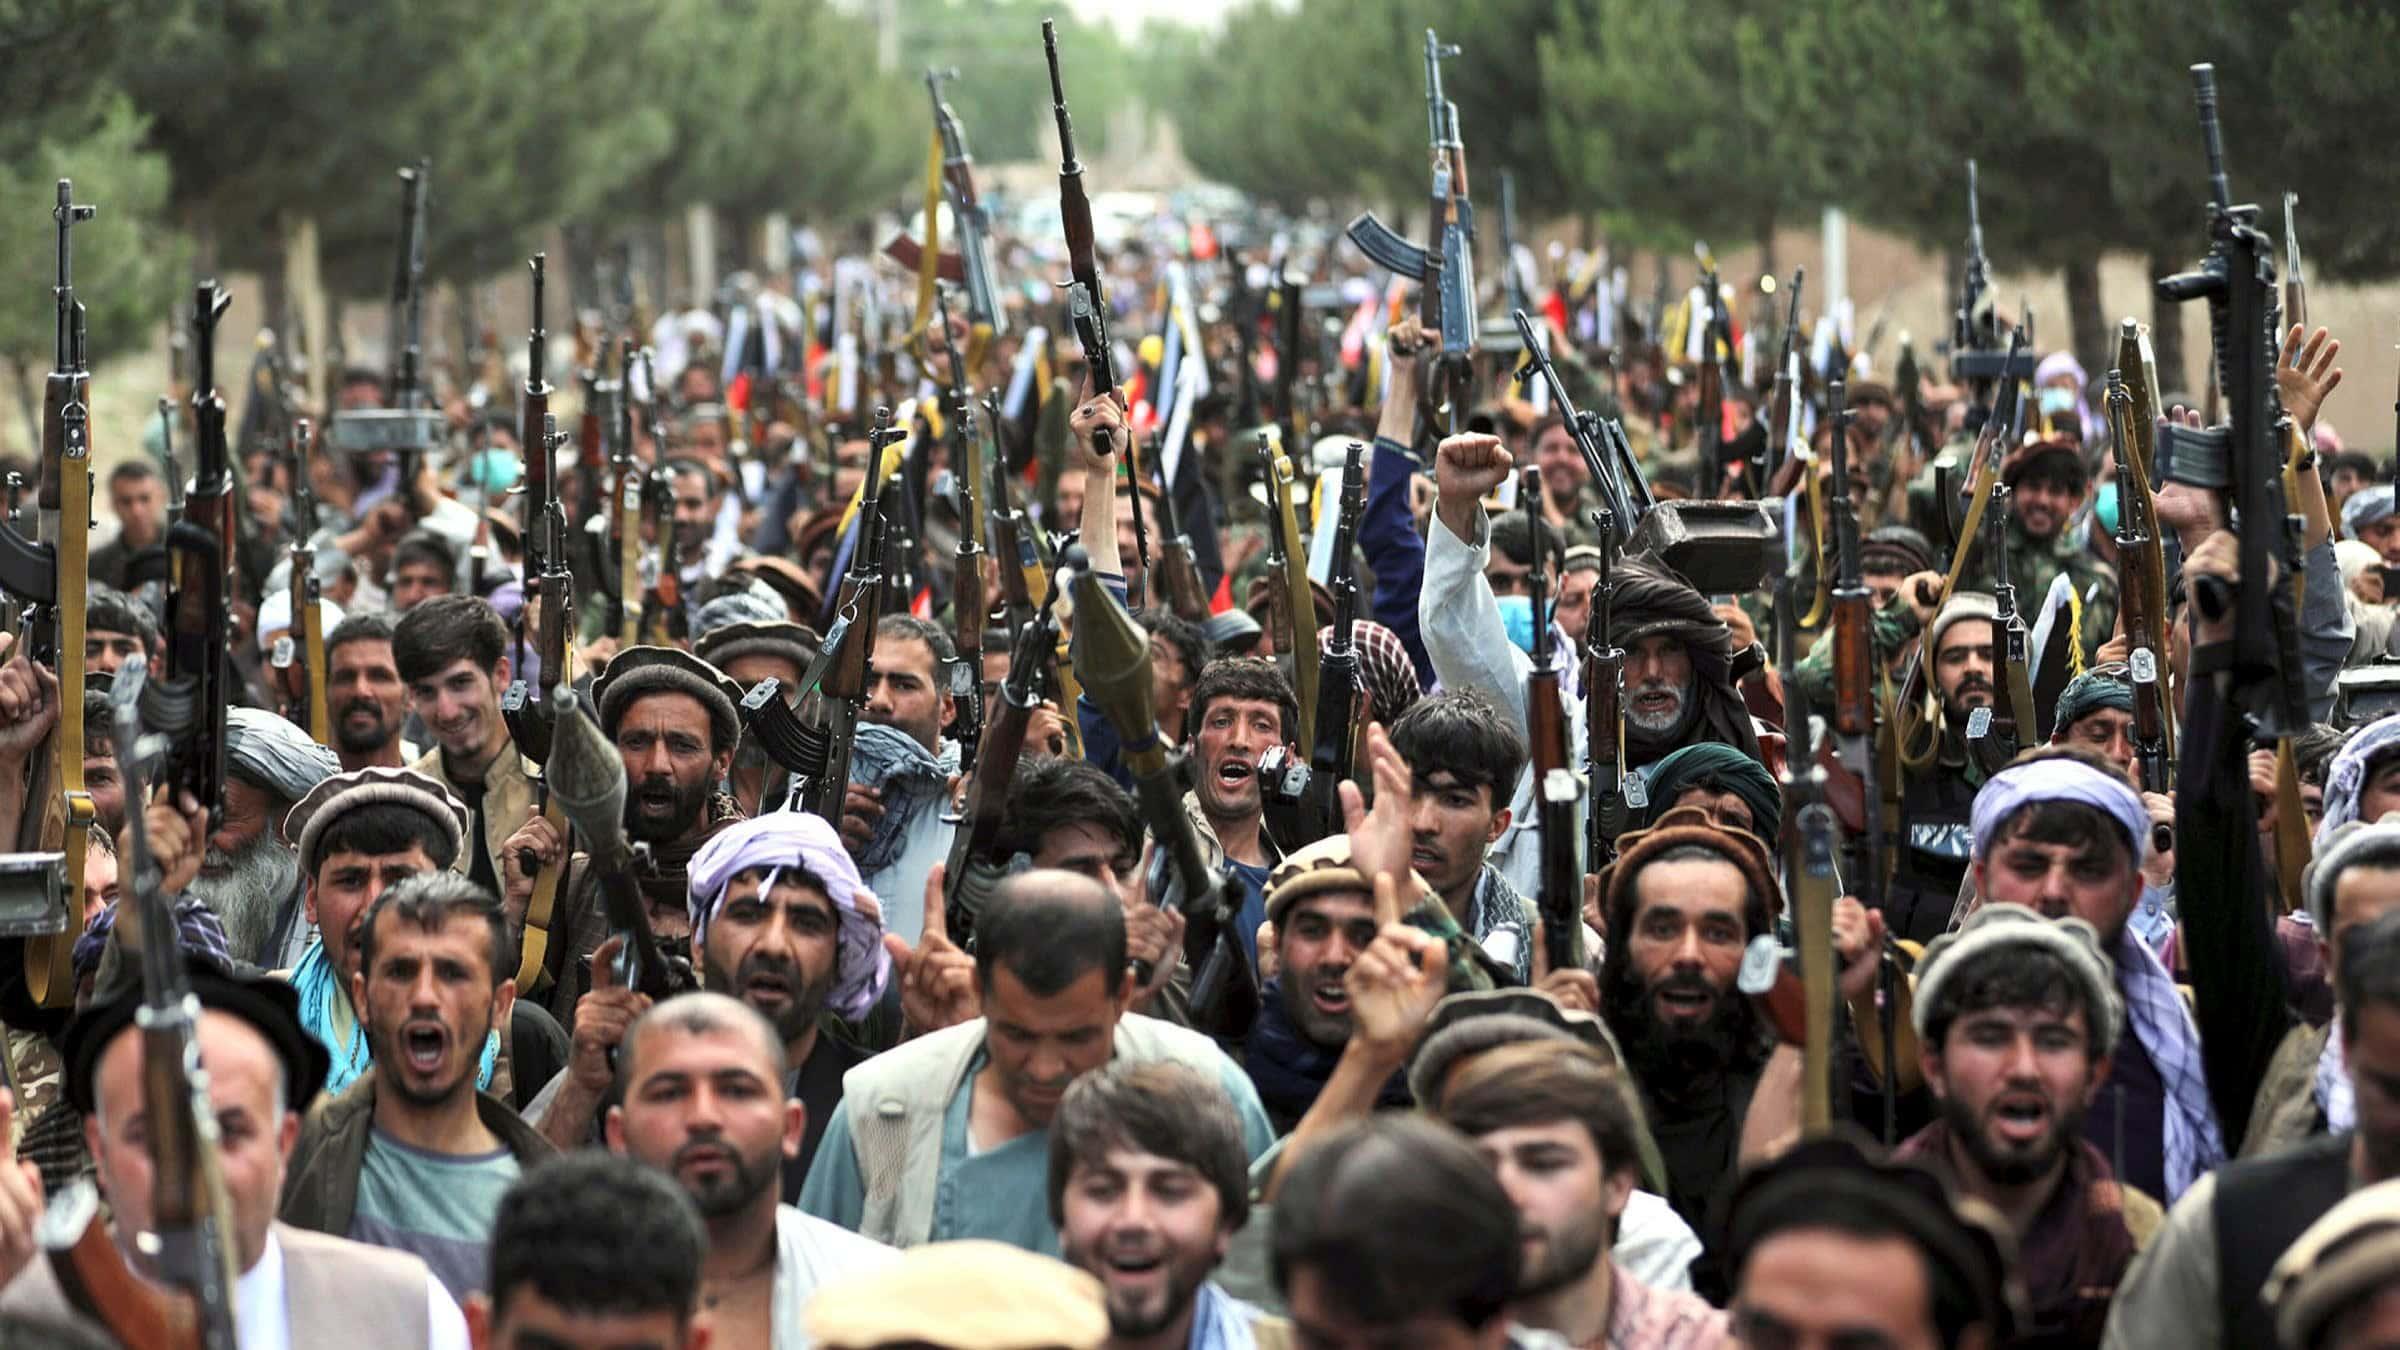 كيف هزم 80 ألف مقاتل من طالبان حوالي 400 ألف جندي أفغاني في أسابيع رغم الإنفاق الضخم!